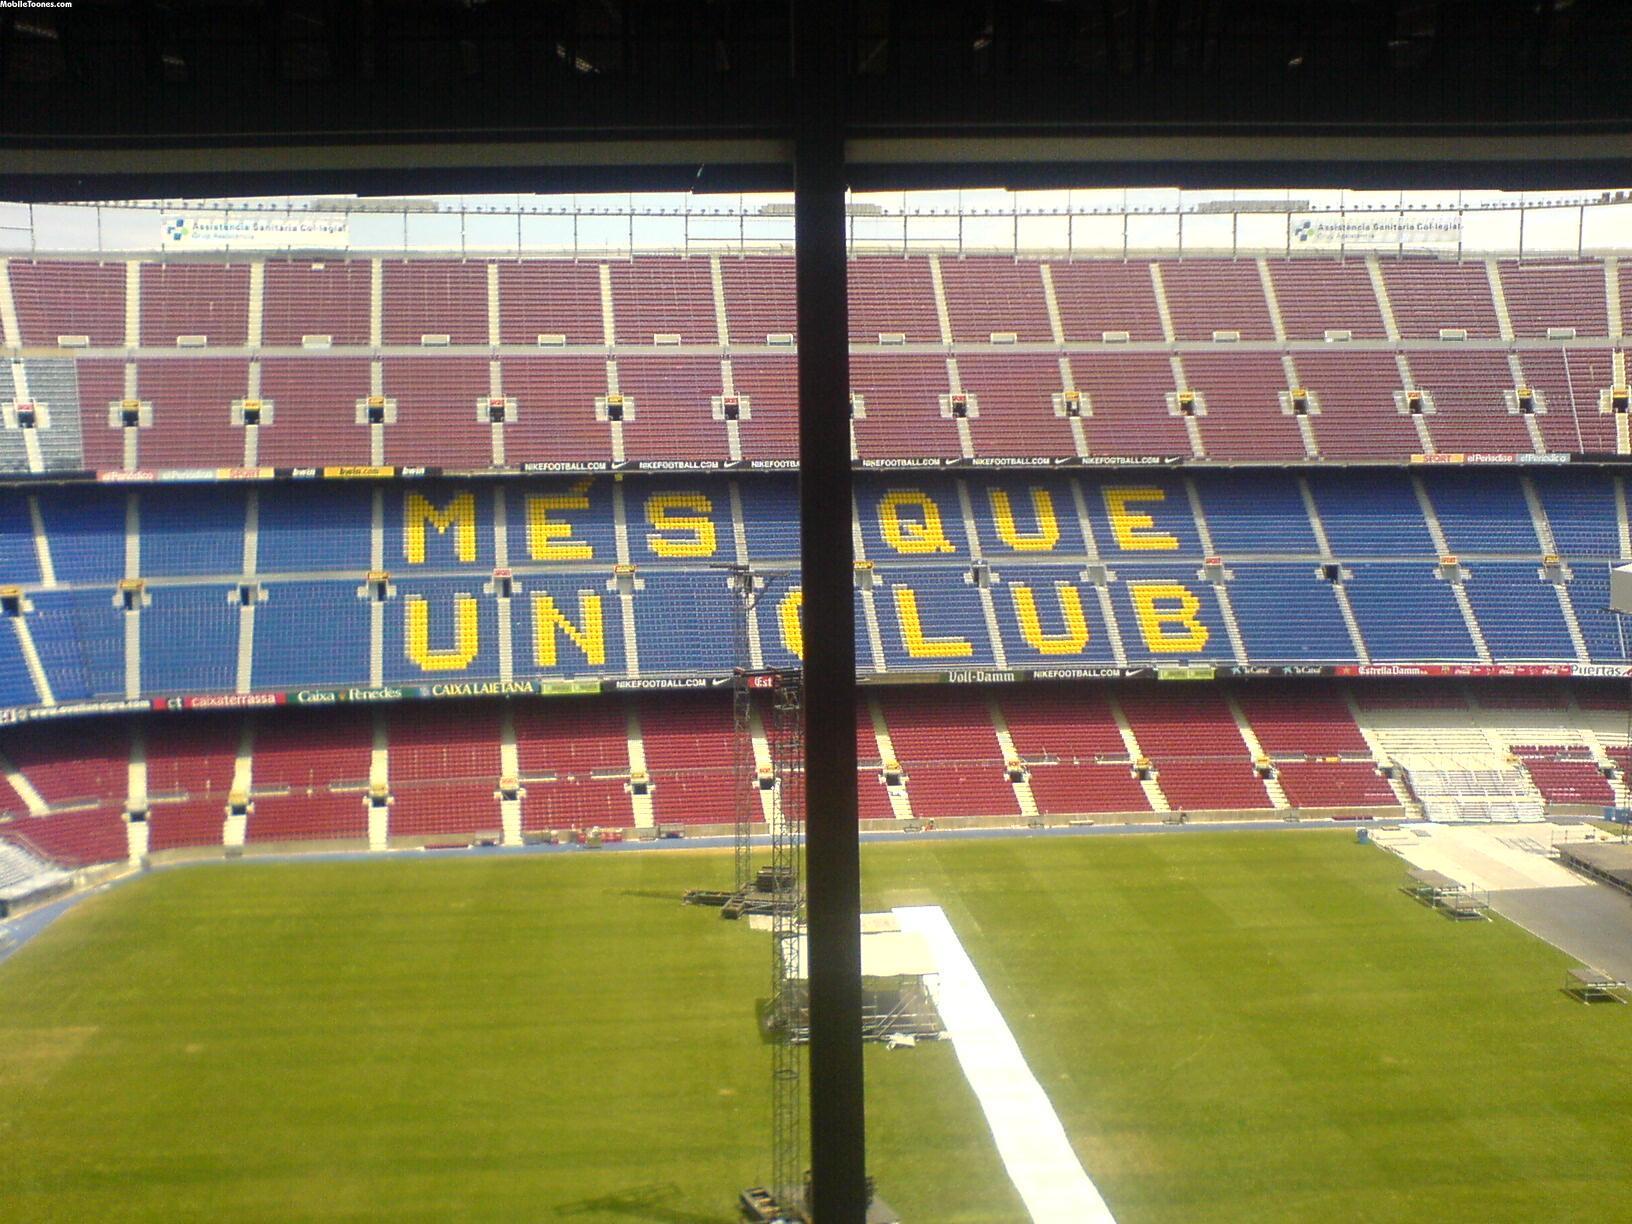 Camp Nou Barclonea Mobile Wallpaper